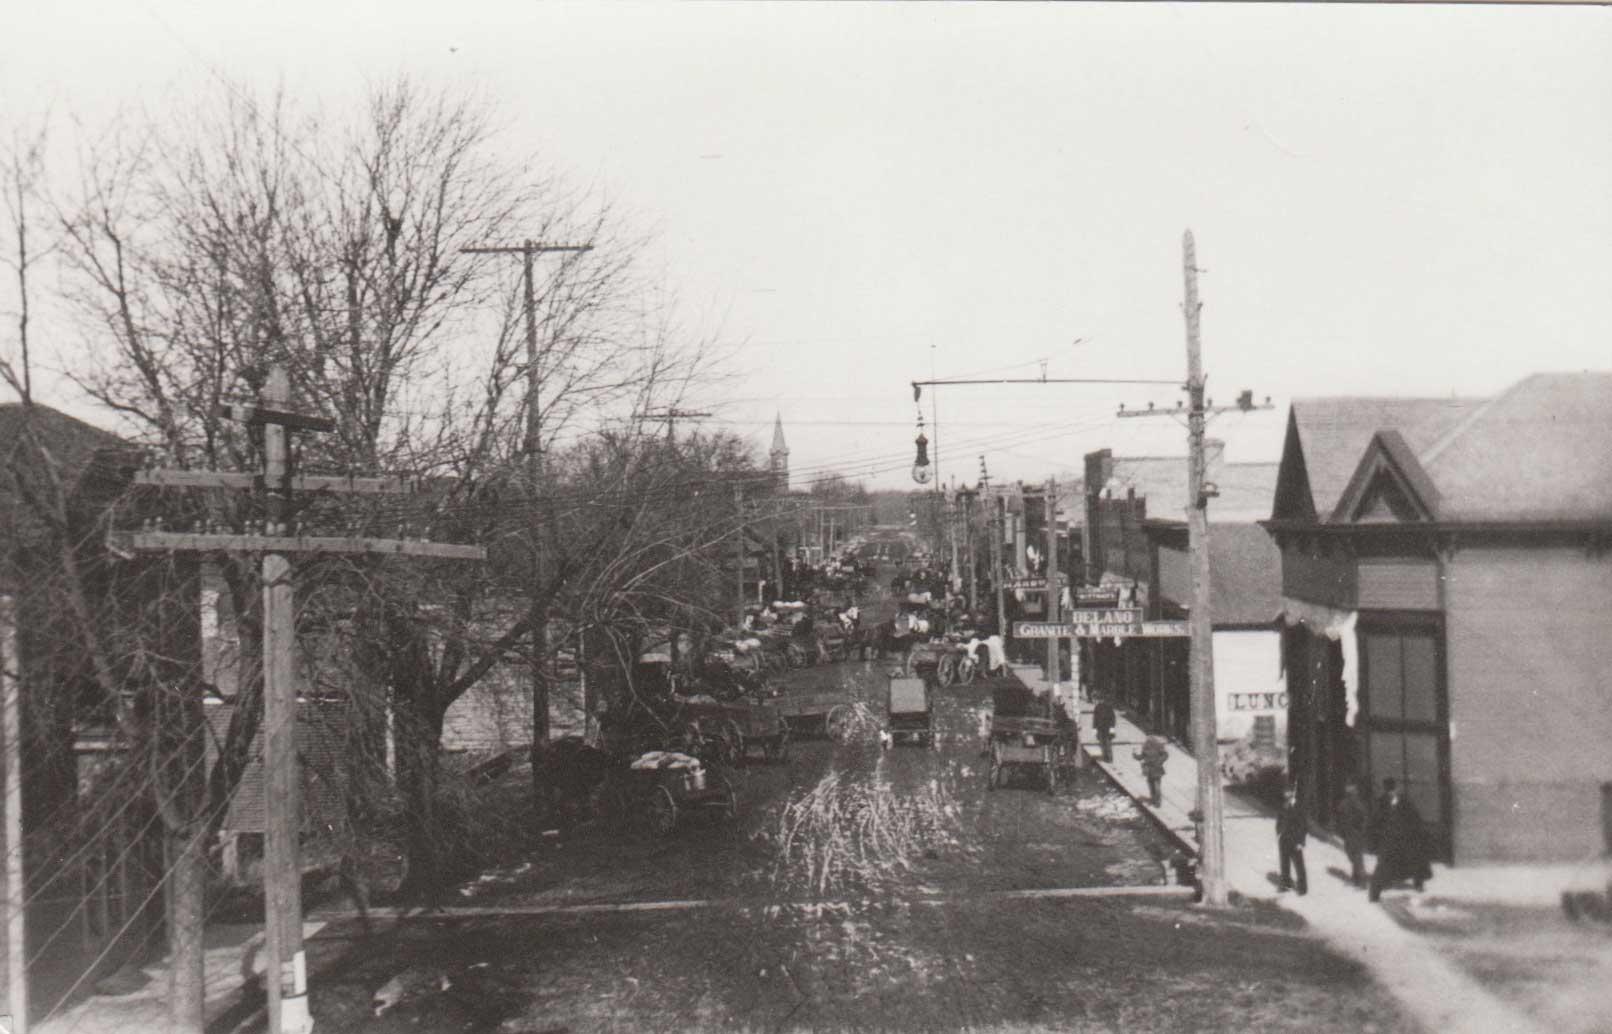 3. River Street, Delano, MN